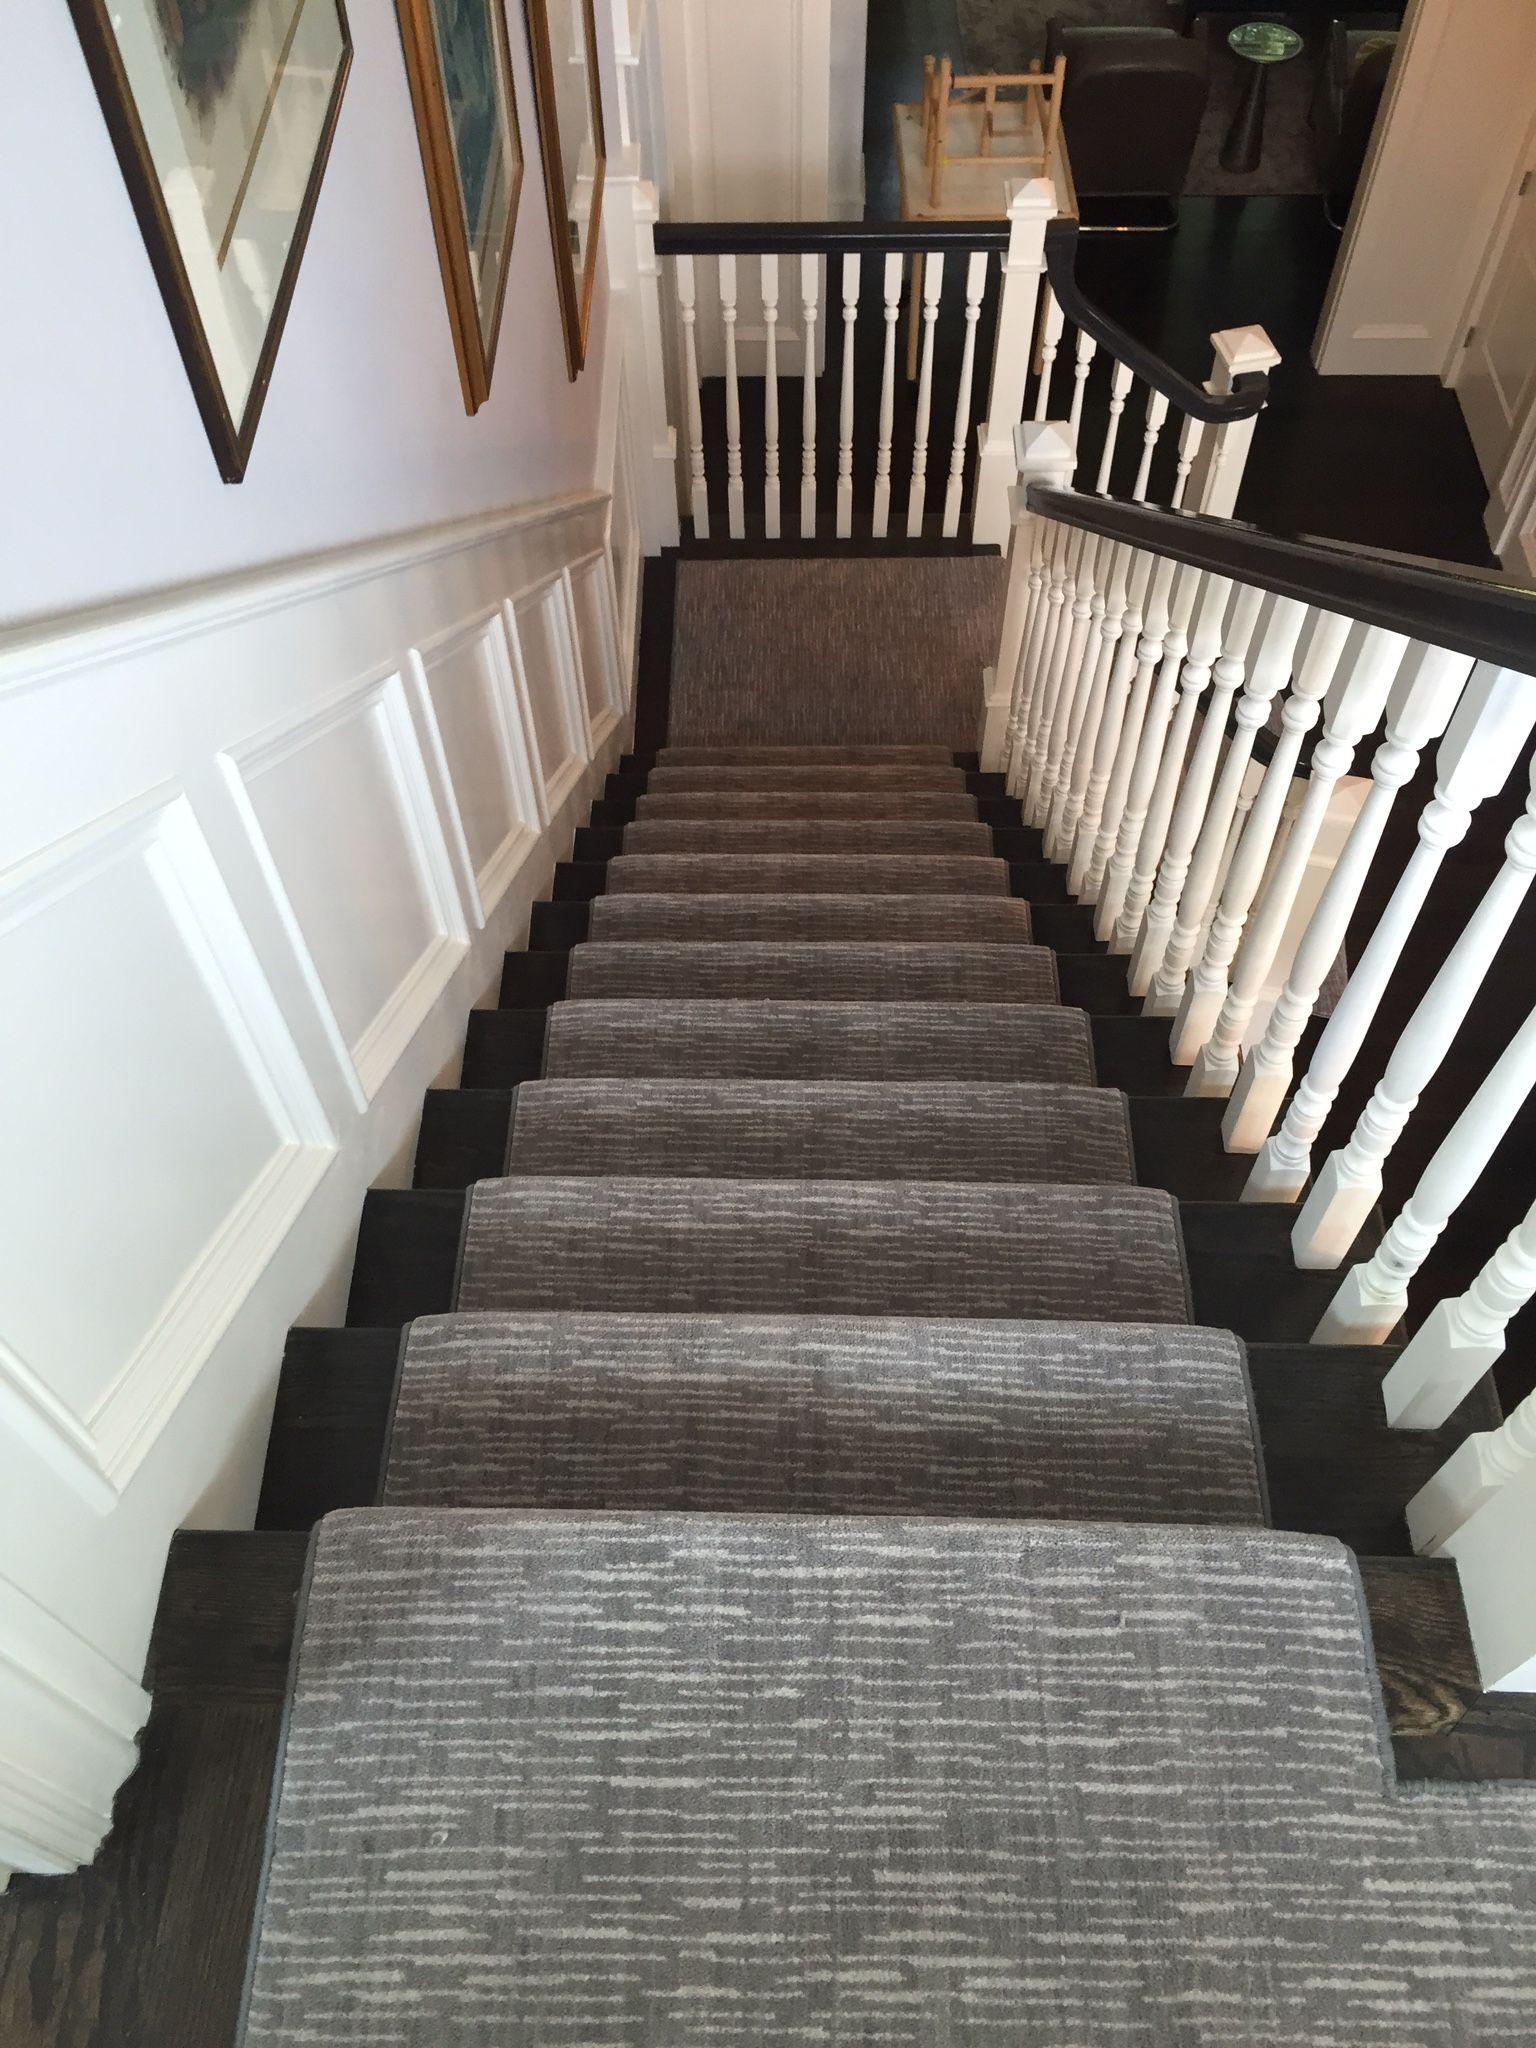 Custom Rug Fabrication Stair Runner Carpet Staircase | Carpet Runners For Carpeted Stairs